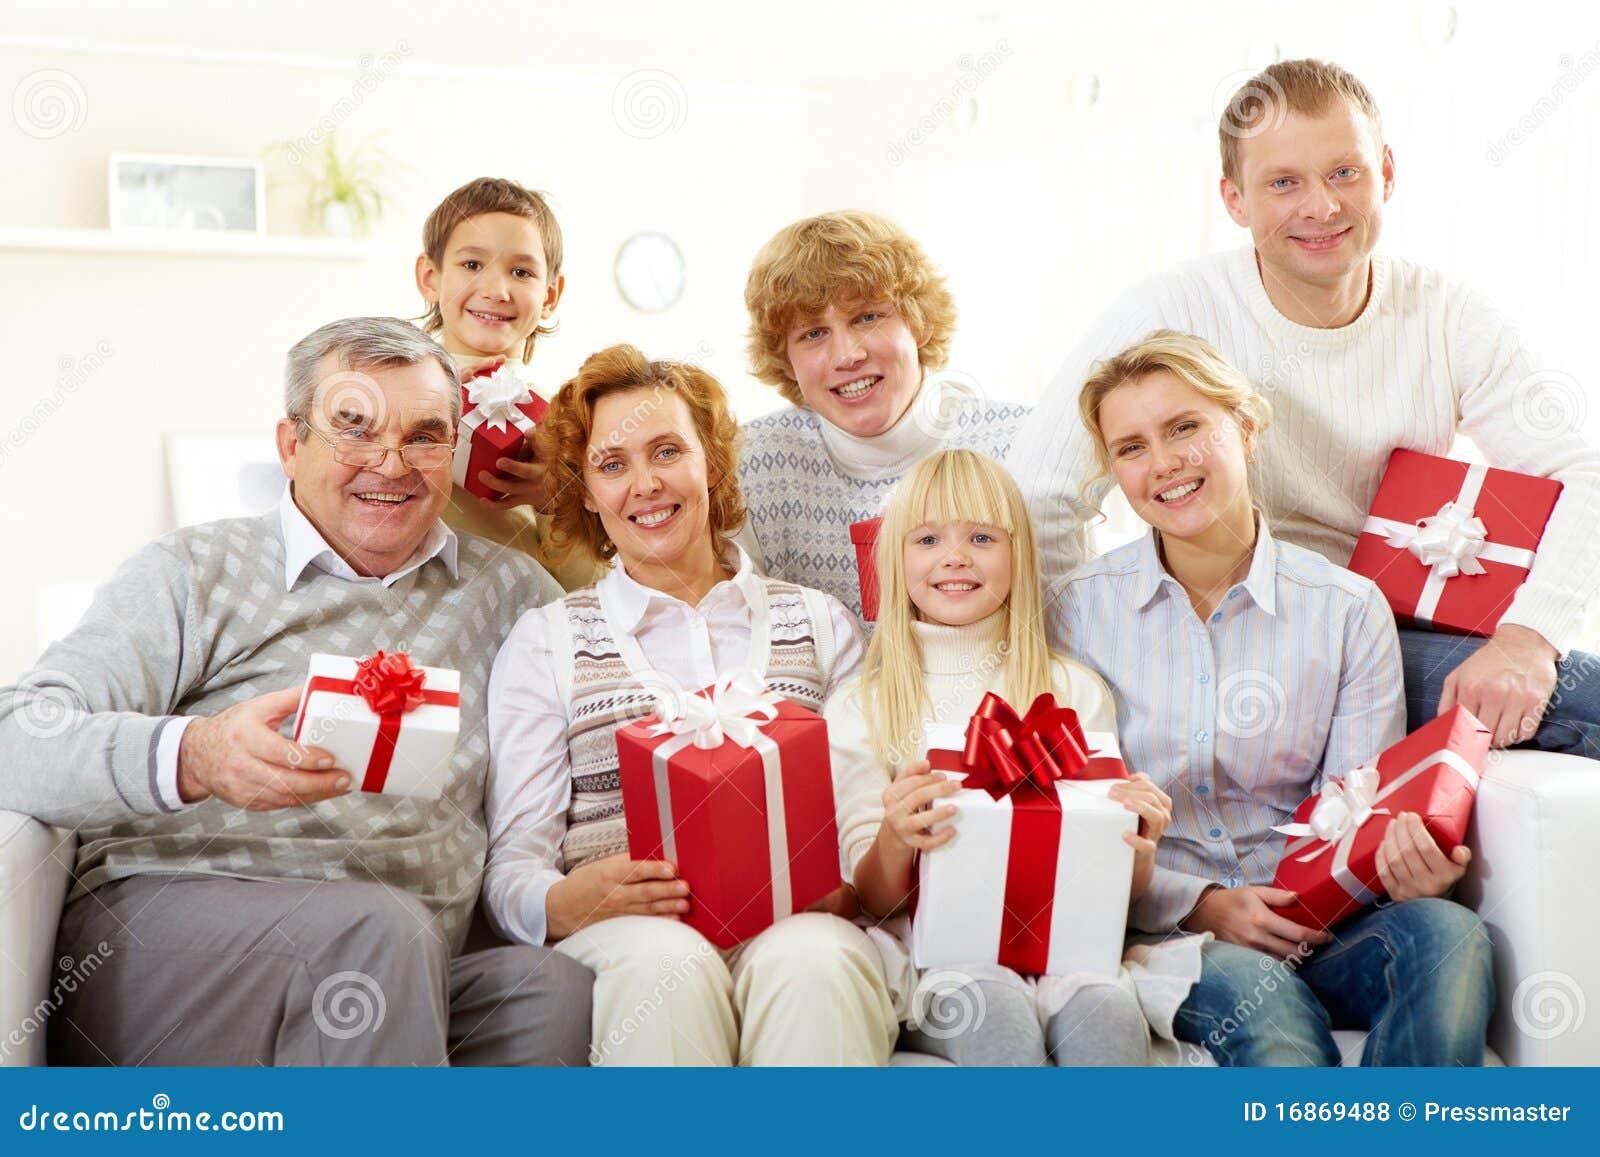 Семья с подарками фото